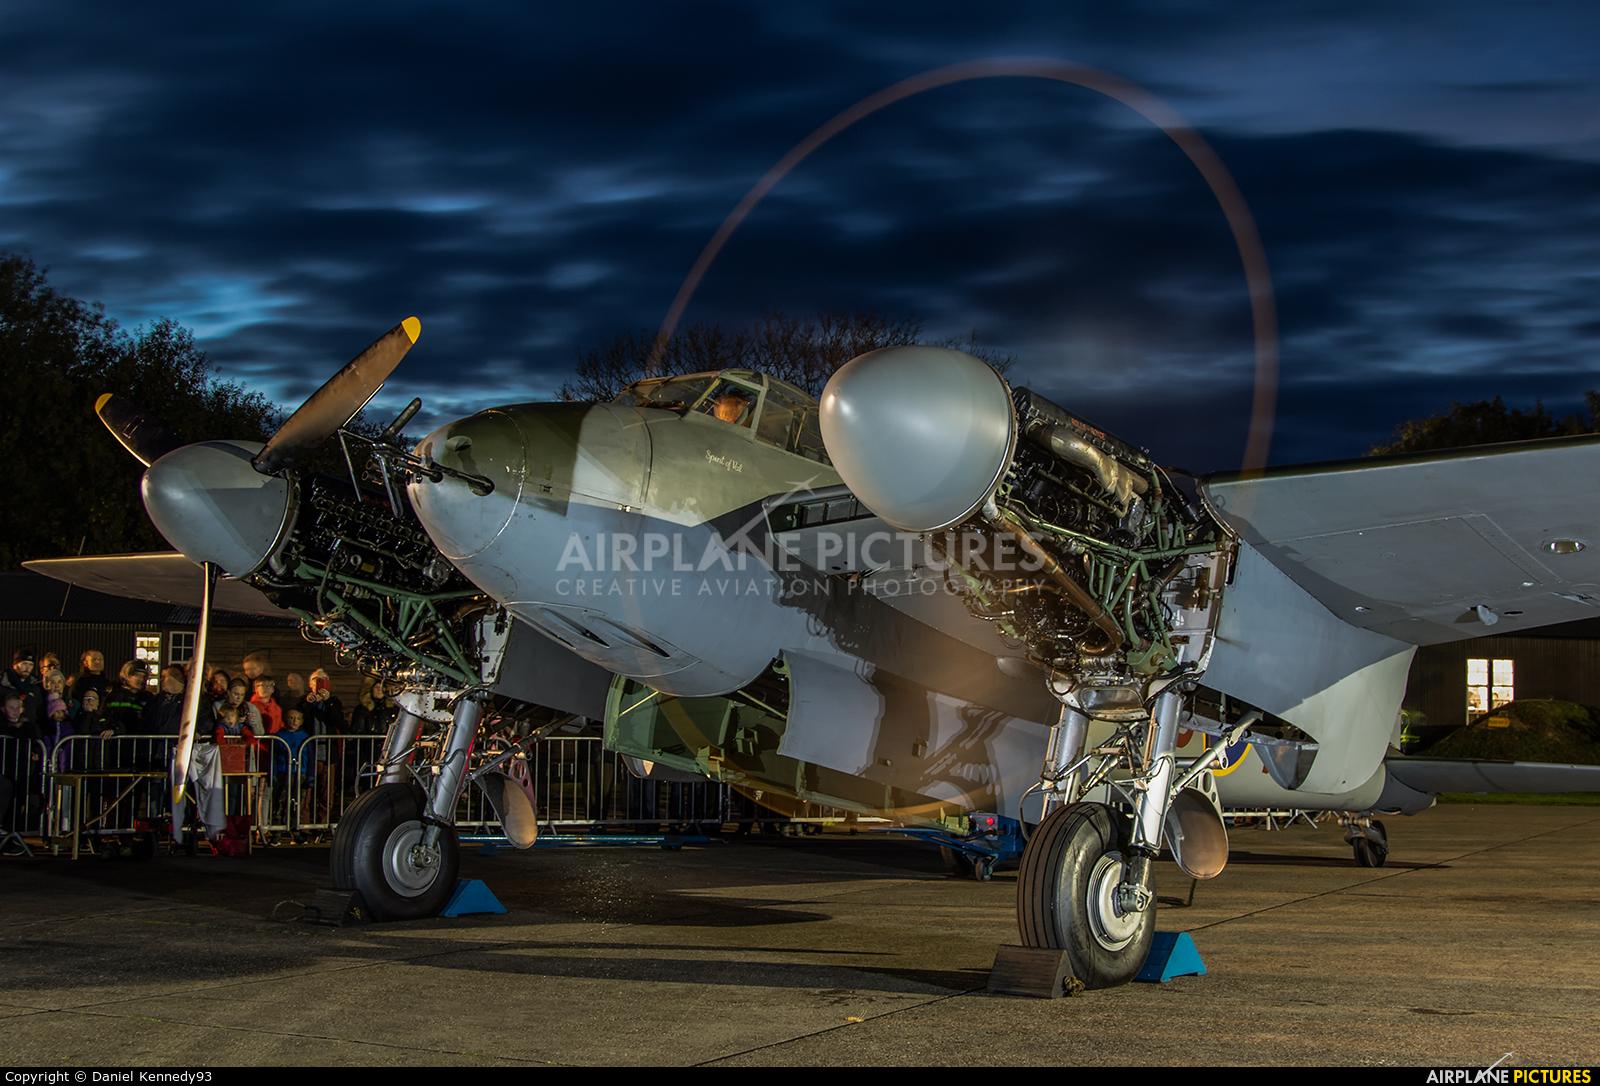 Royal Air Force HJ711 aircraft at East Kirkby